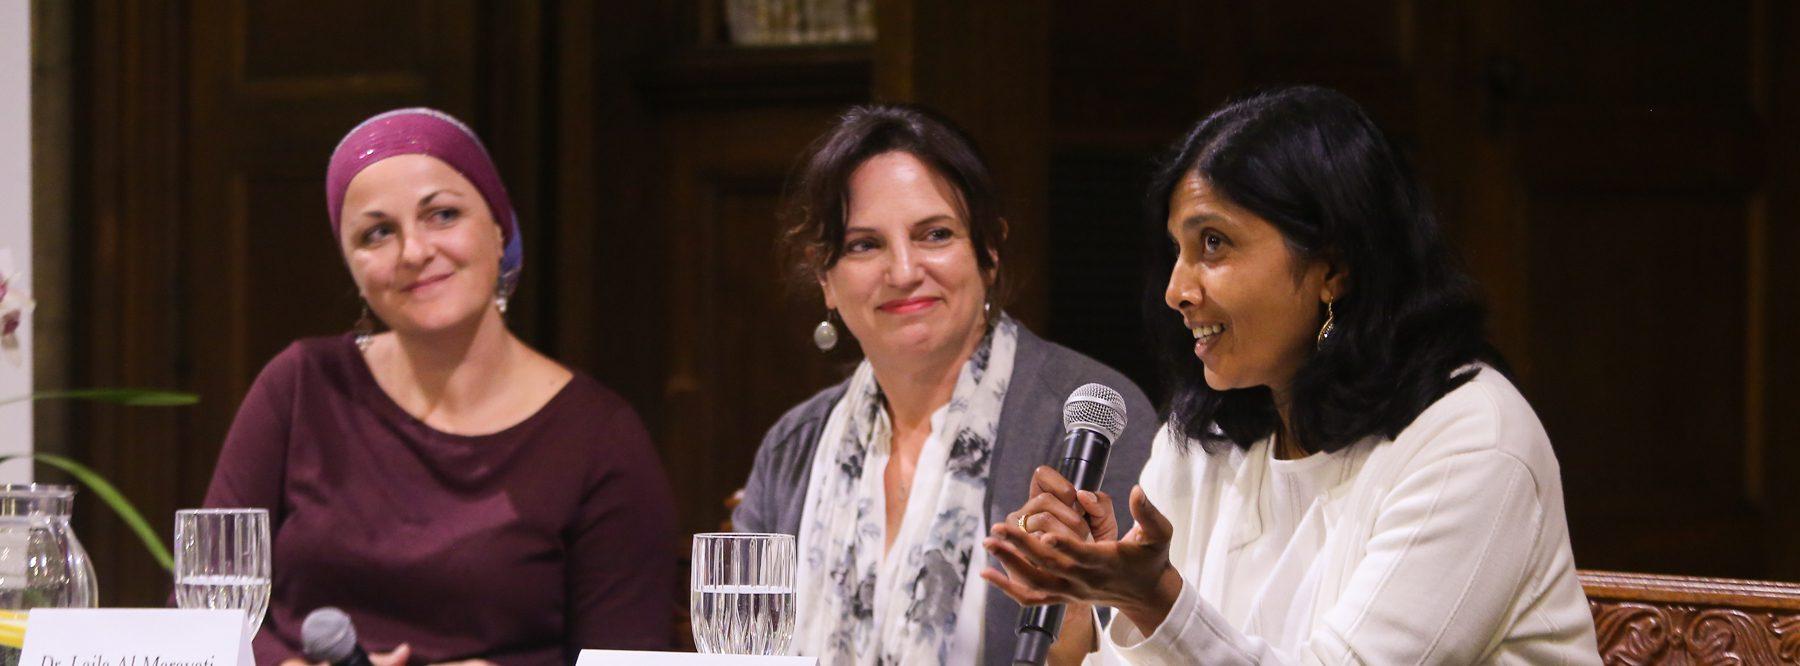 quoran on women panel